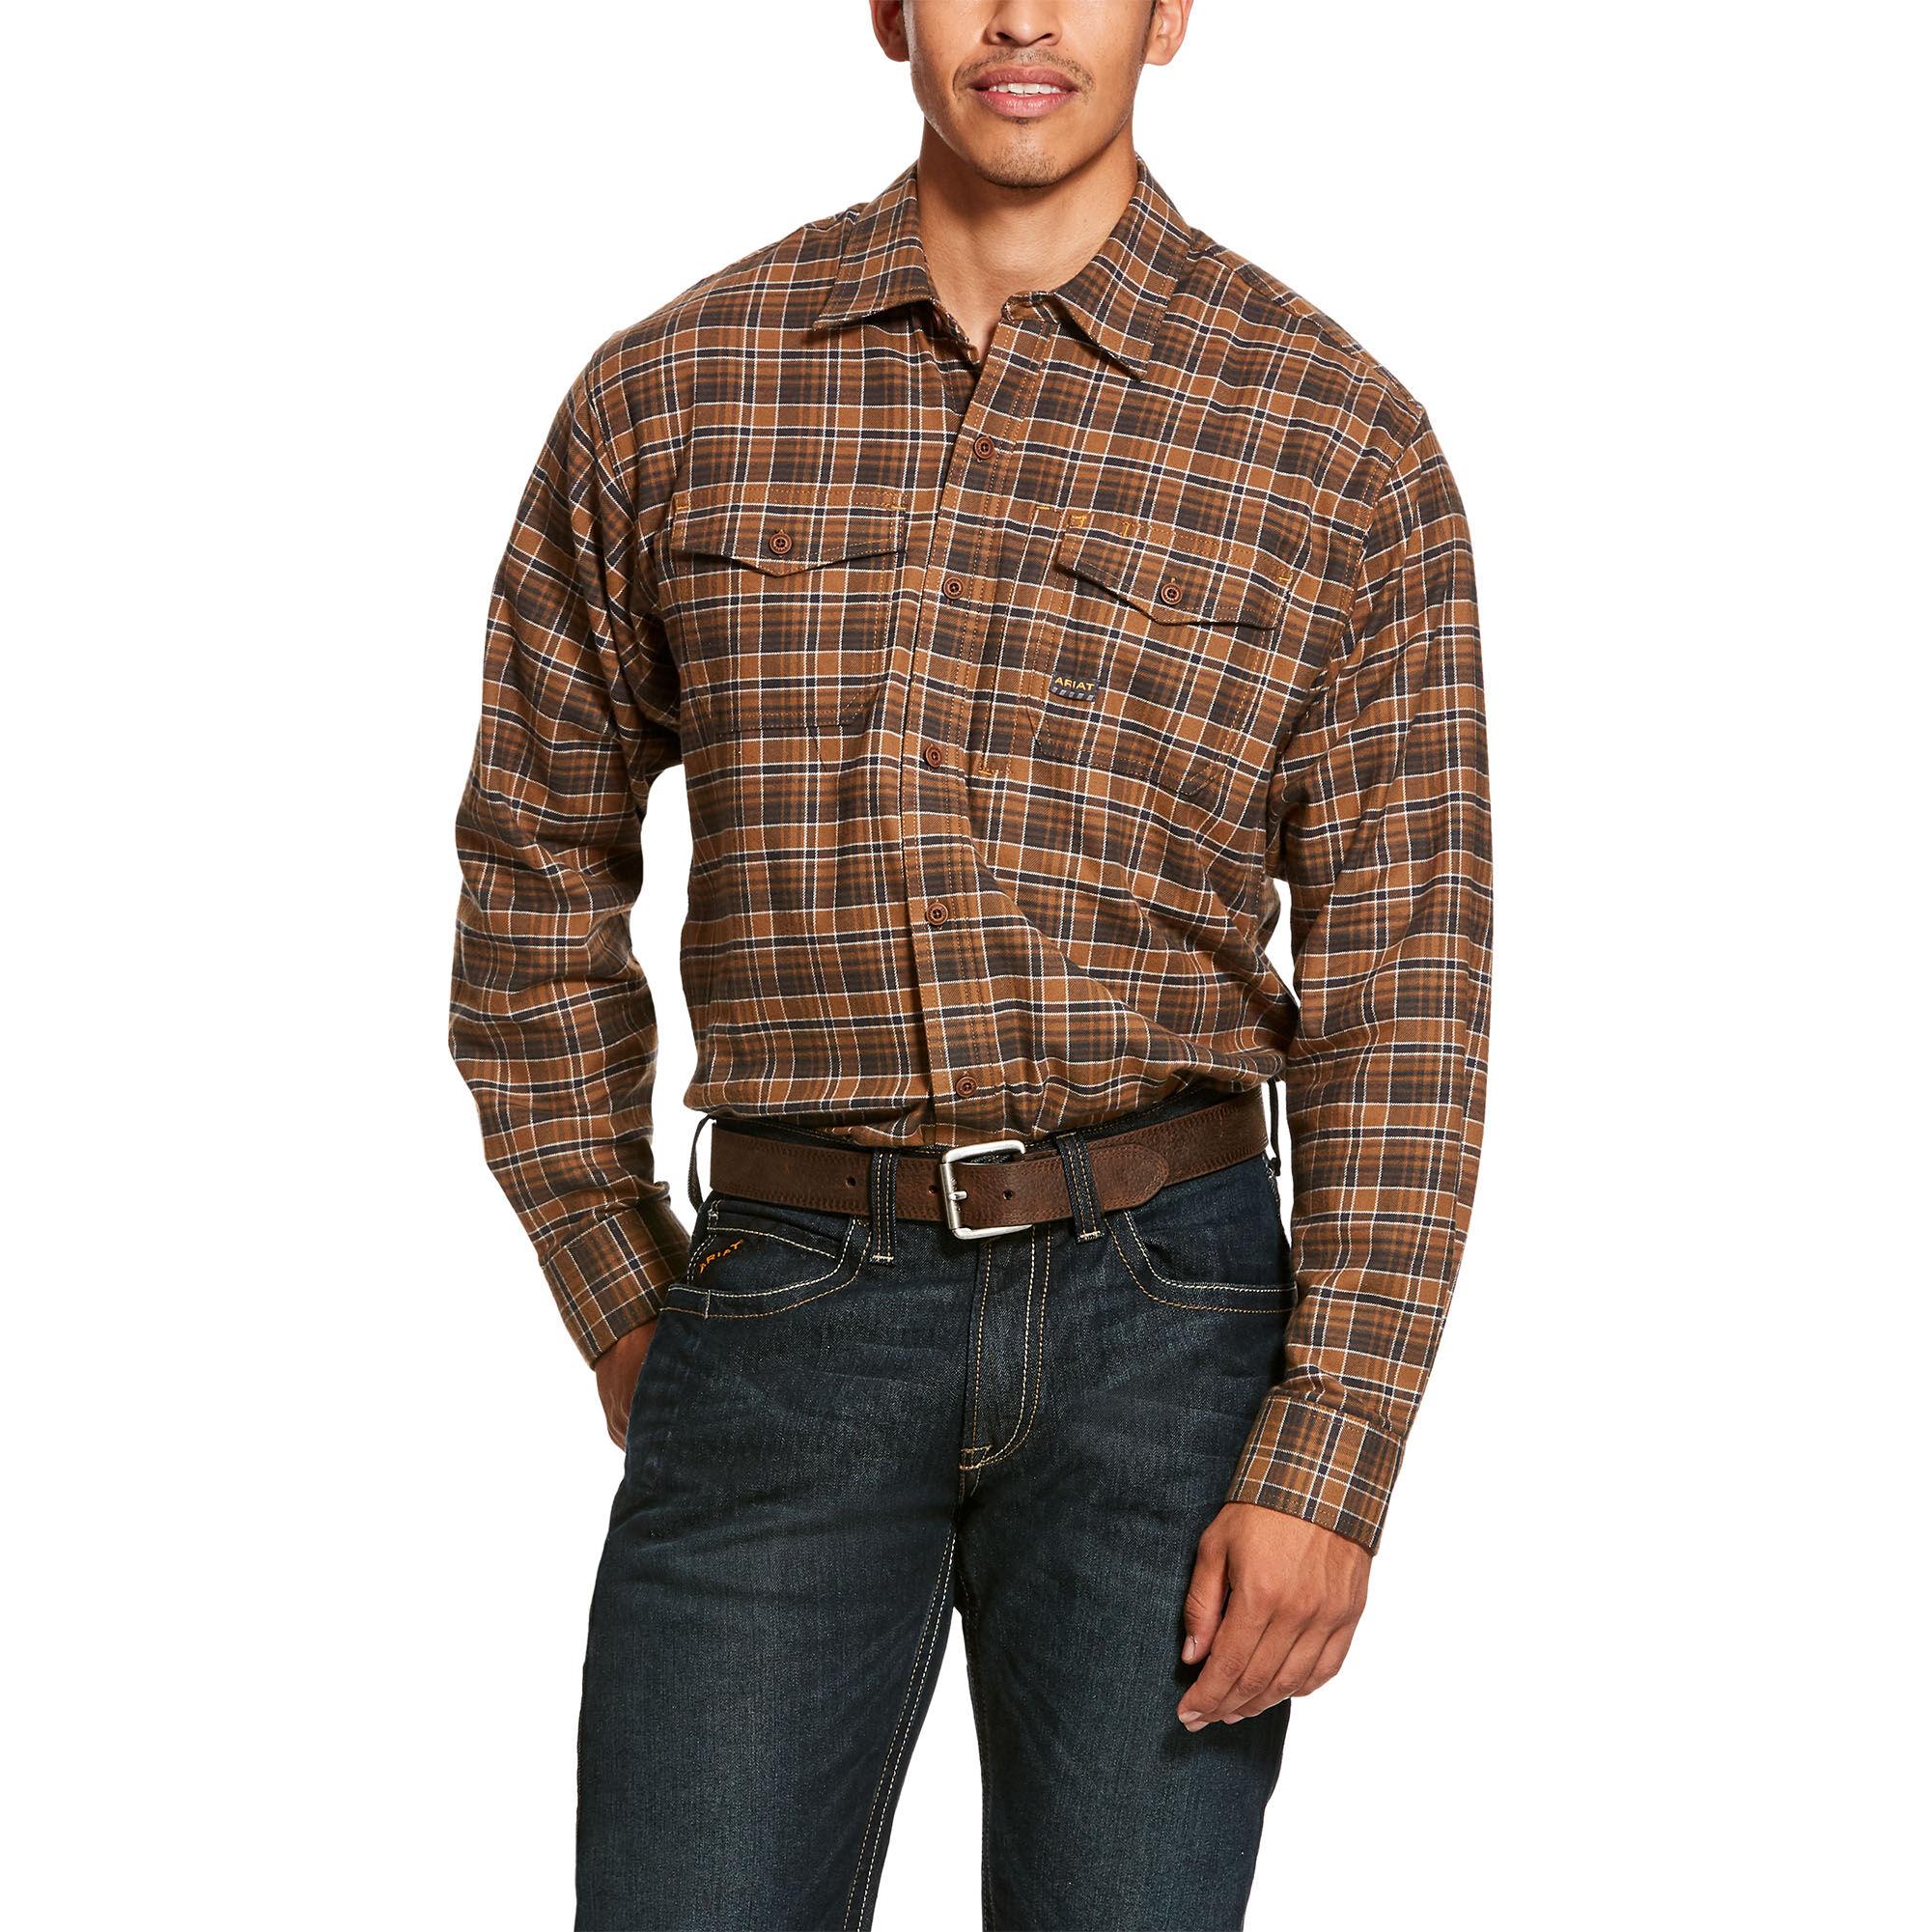 Ariat Men's Rebar Flannel DuraStretch Work Shirt in Zane Plaid Cotton